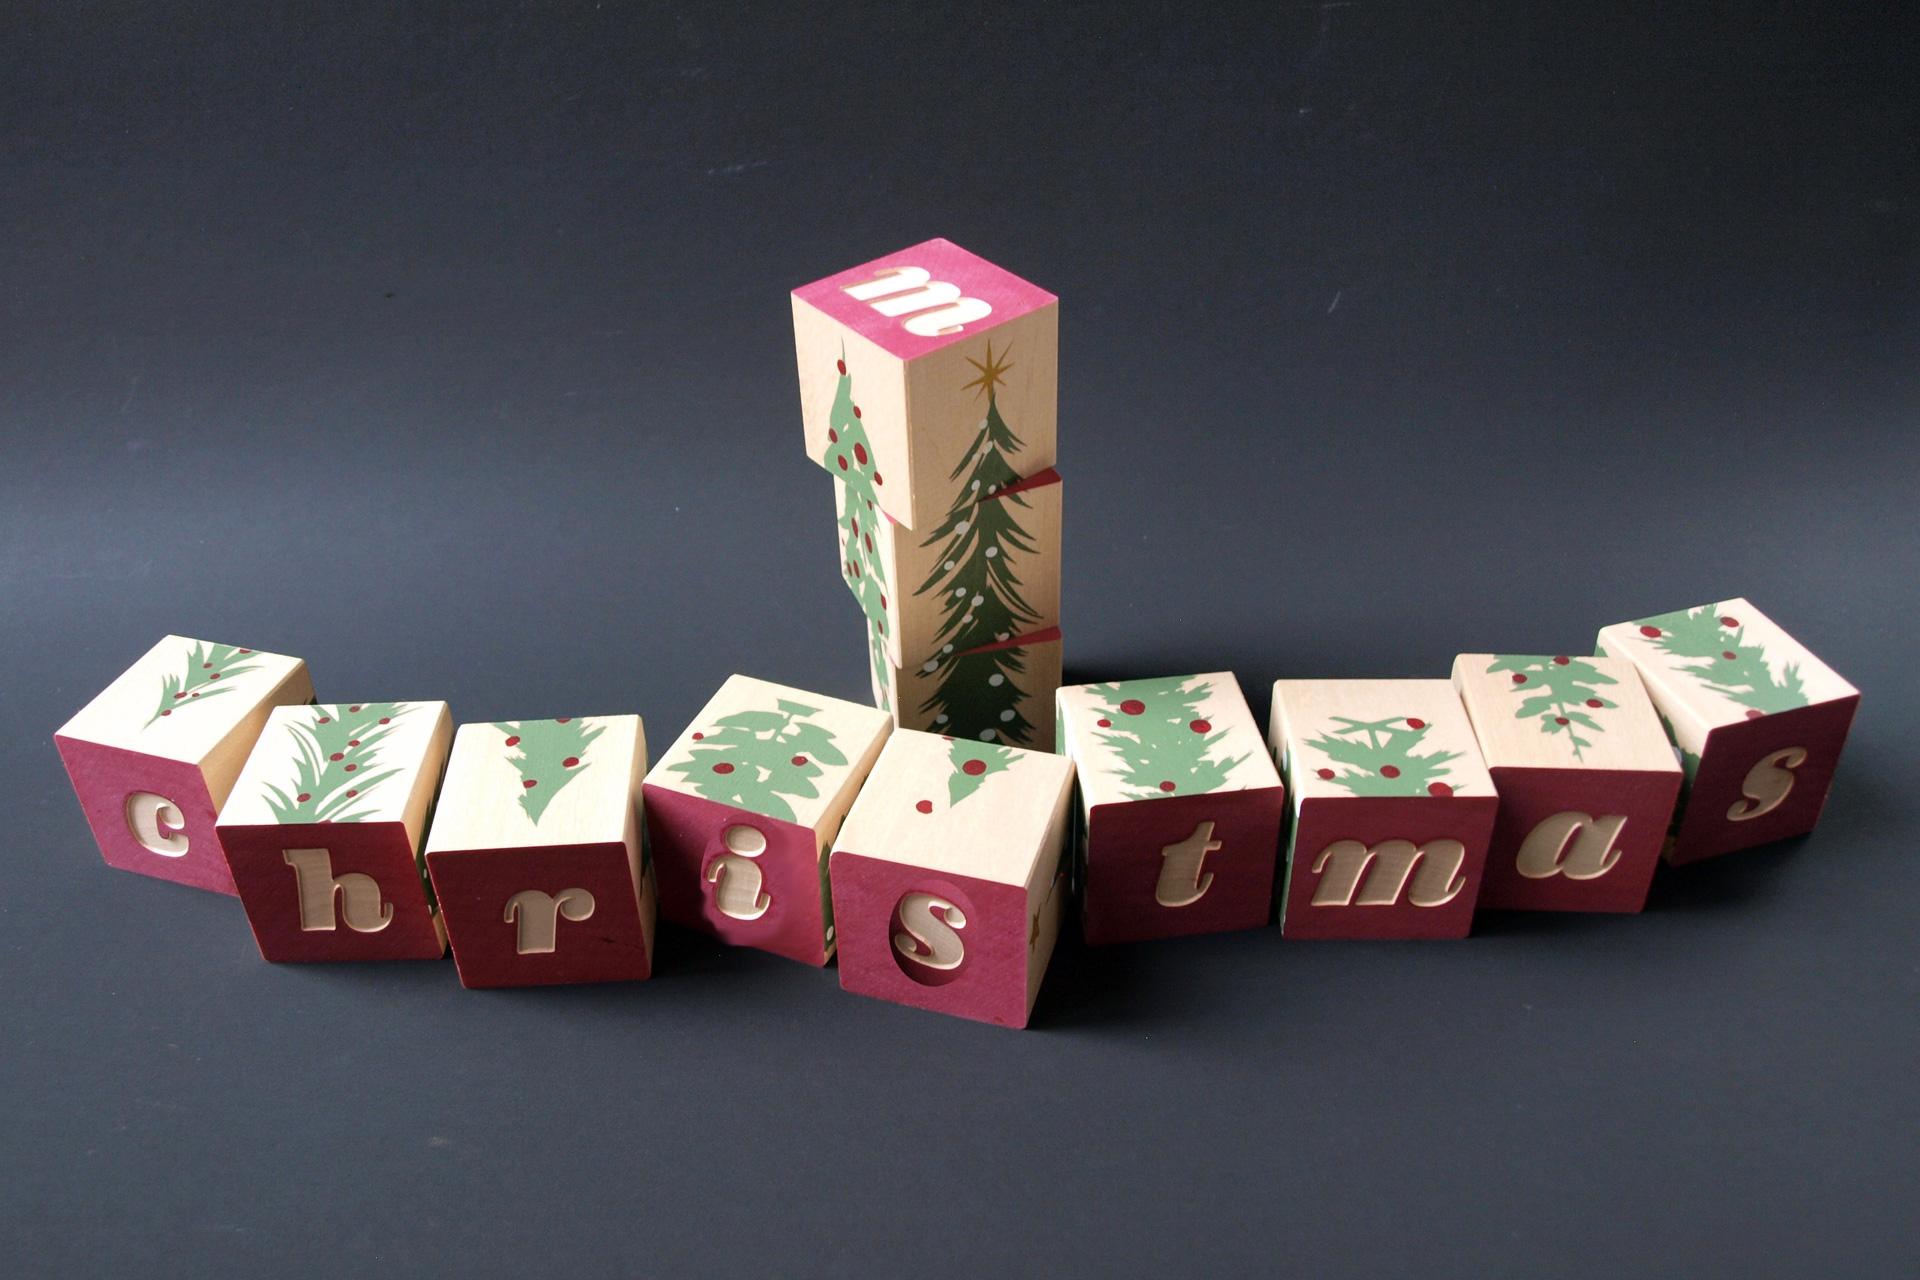 Wann Weihnachtsdeko.Weihnachtsdeko Buchstaben Plus